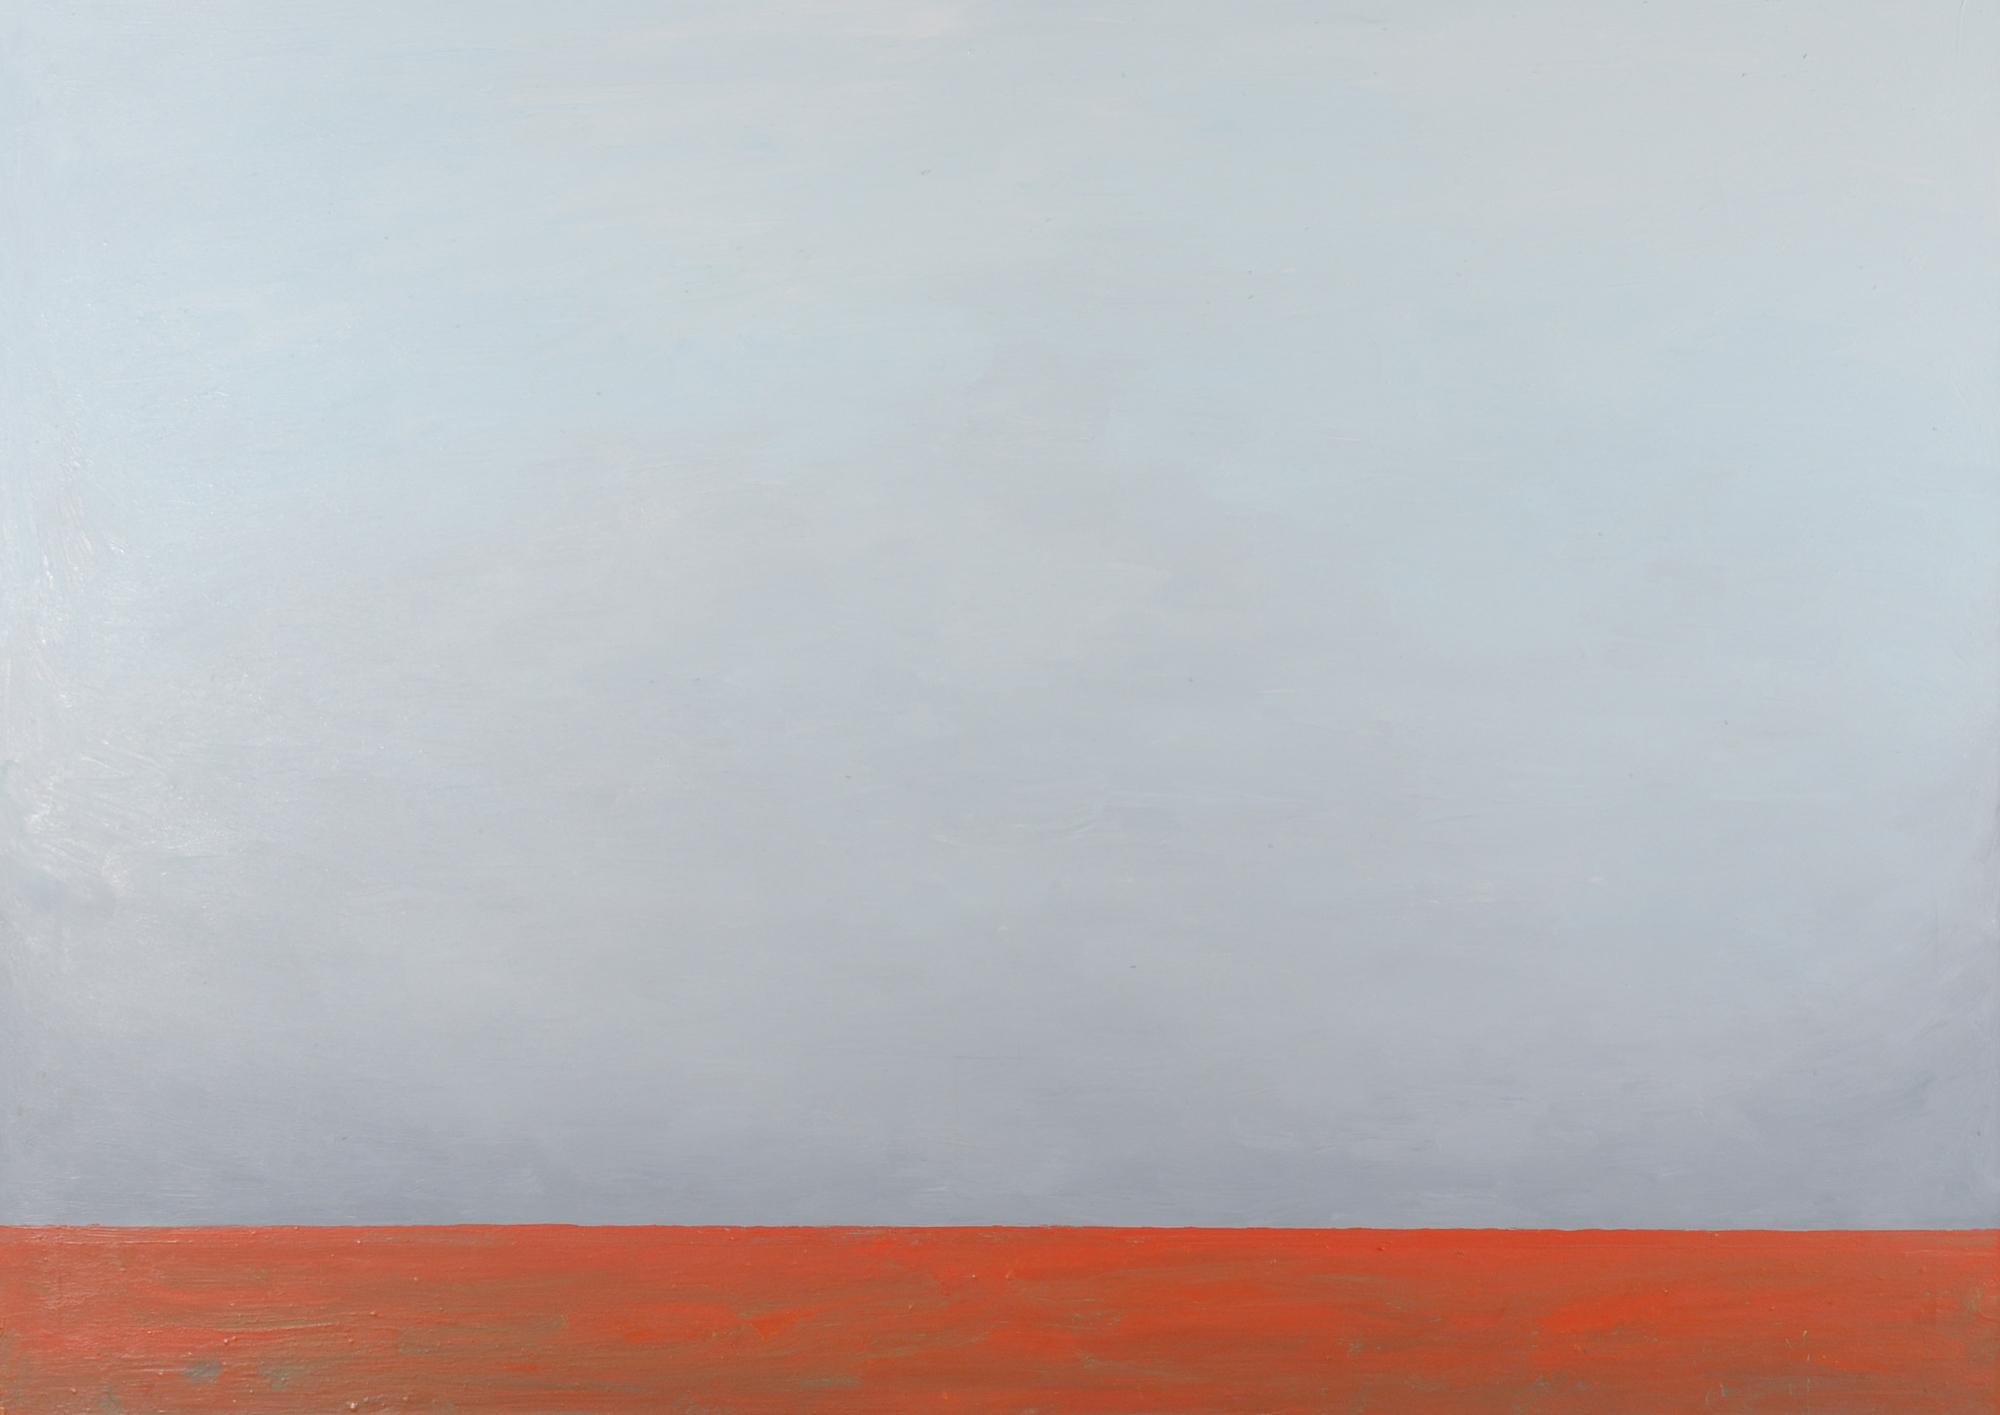 Lichtsteiner Alois, Untitled (Horizon)